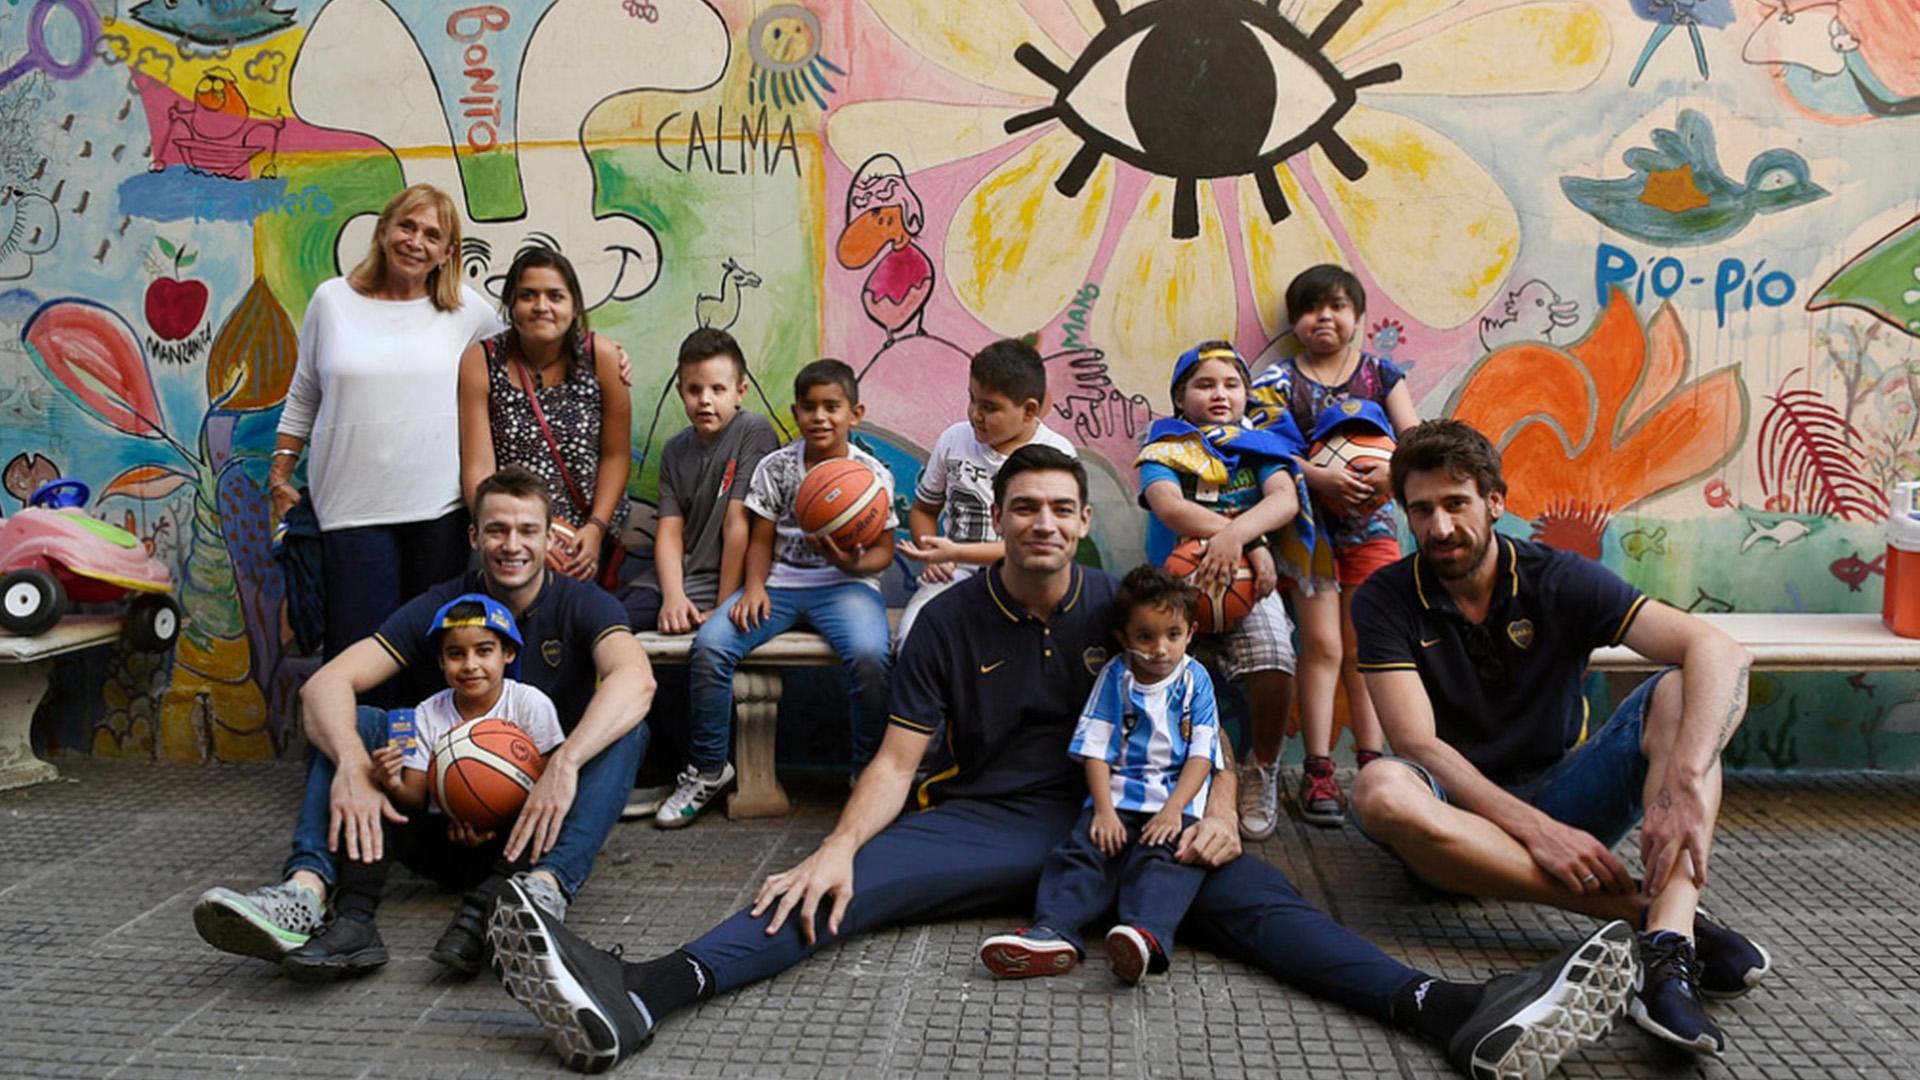 Las figuras de básquet de Boca fueron al hospital con regalos para los niños (Prensa Boca)